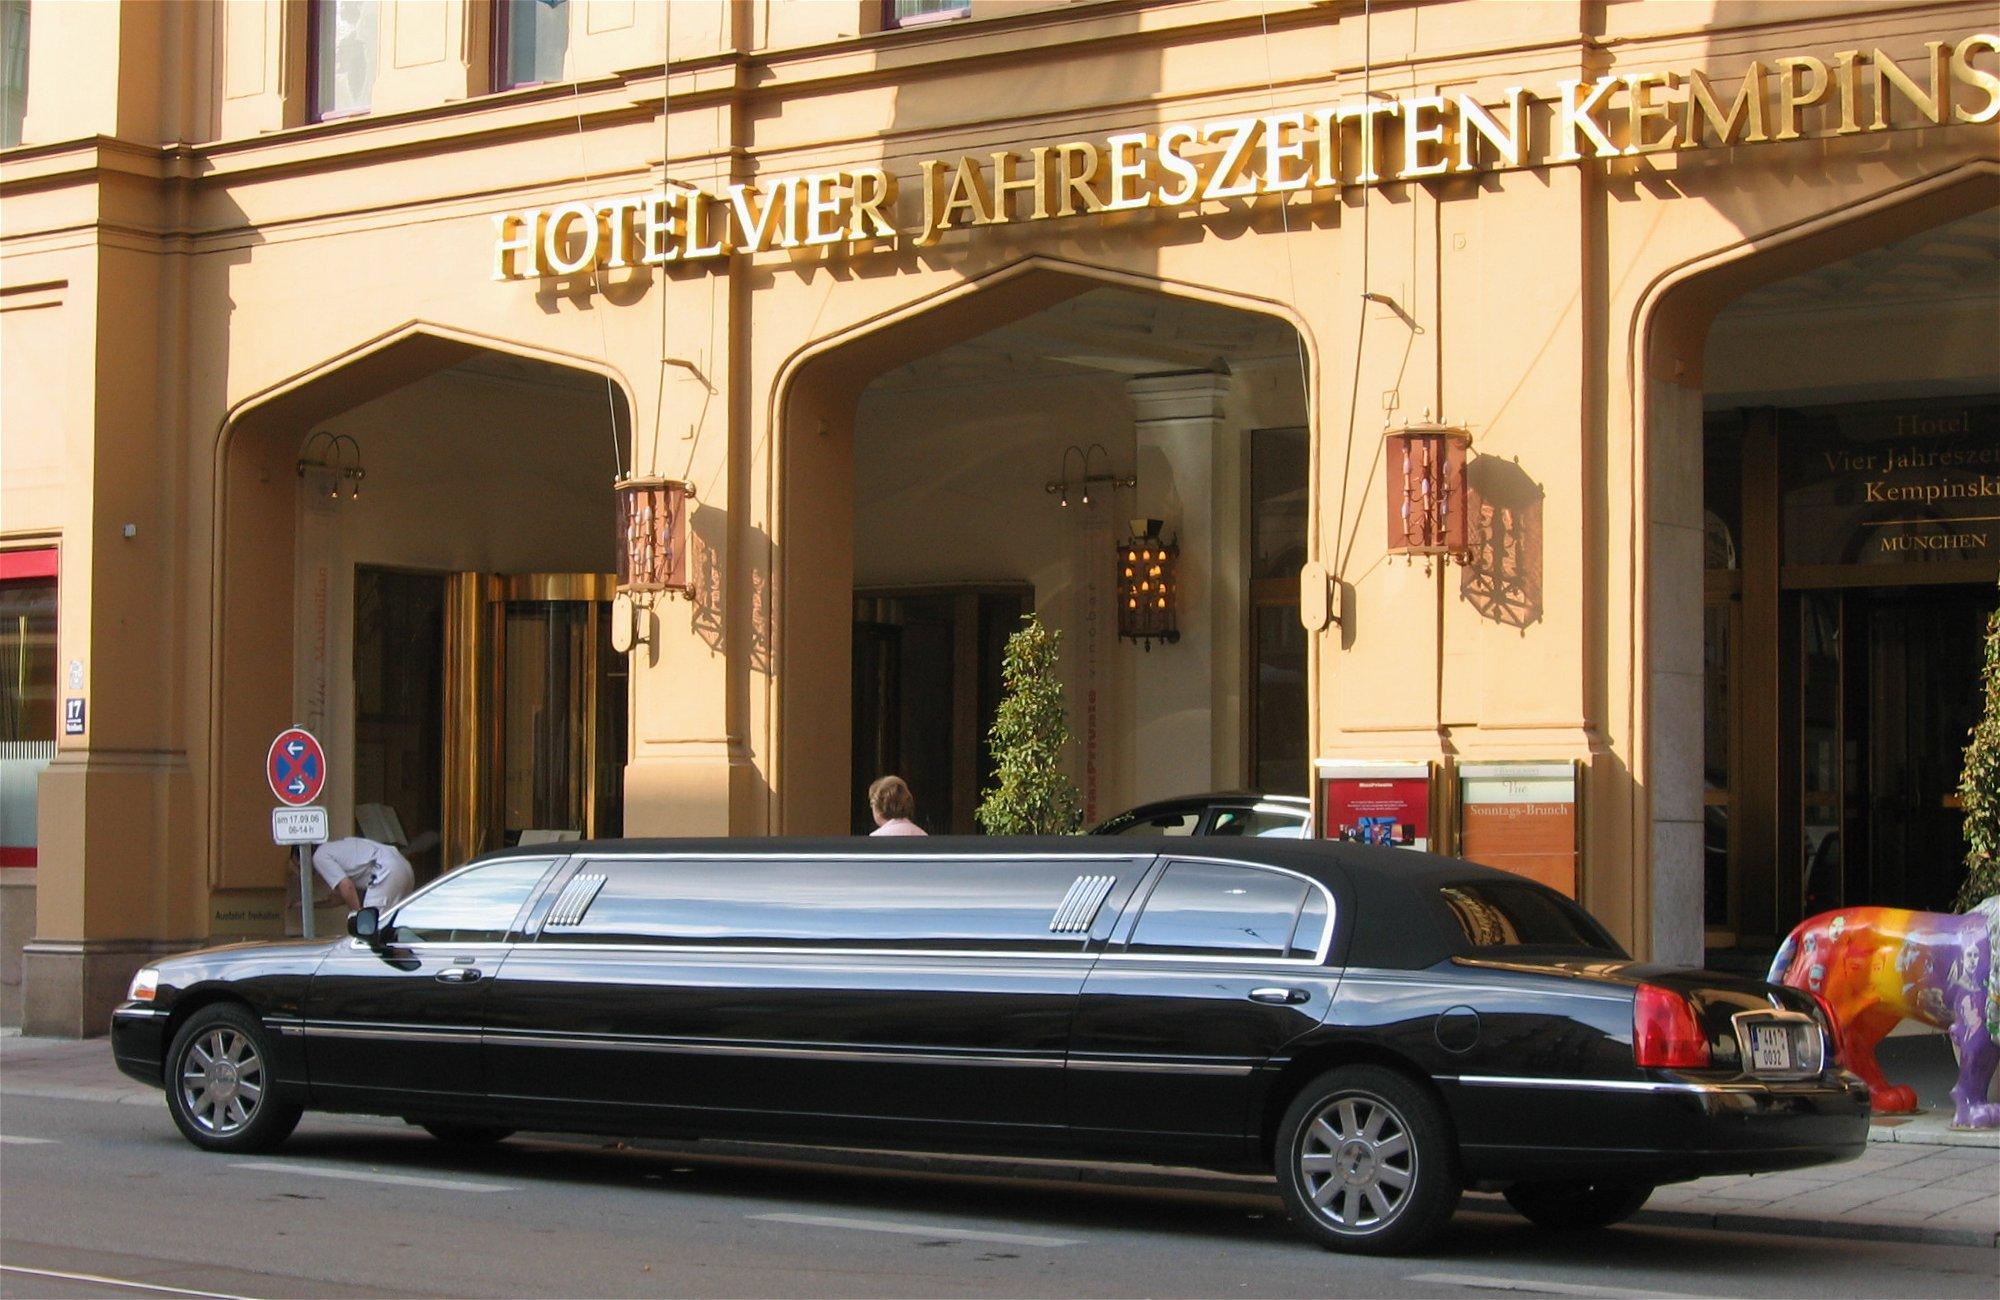 Jahreszeiten Hotel